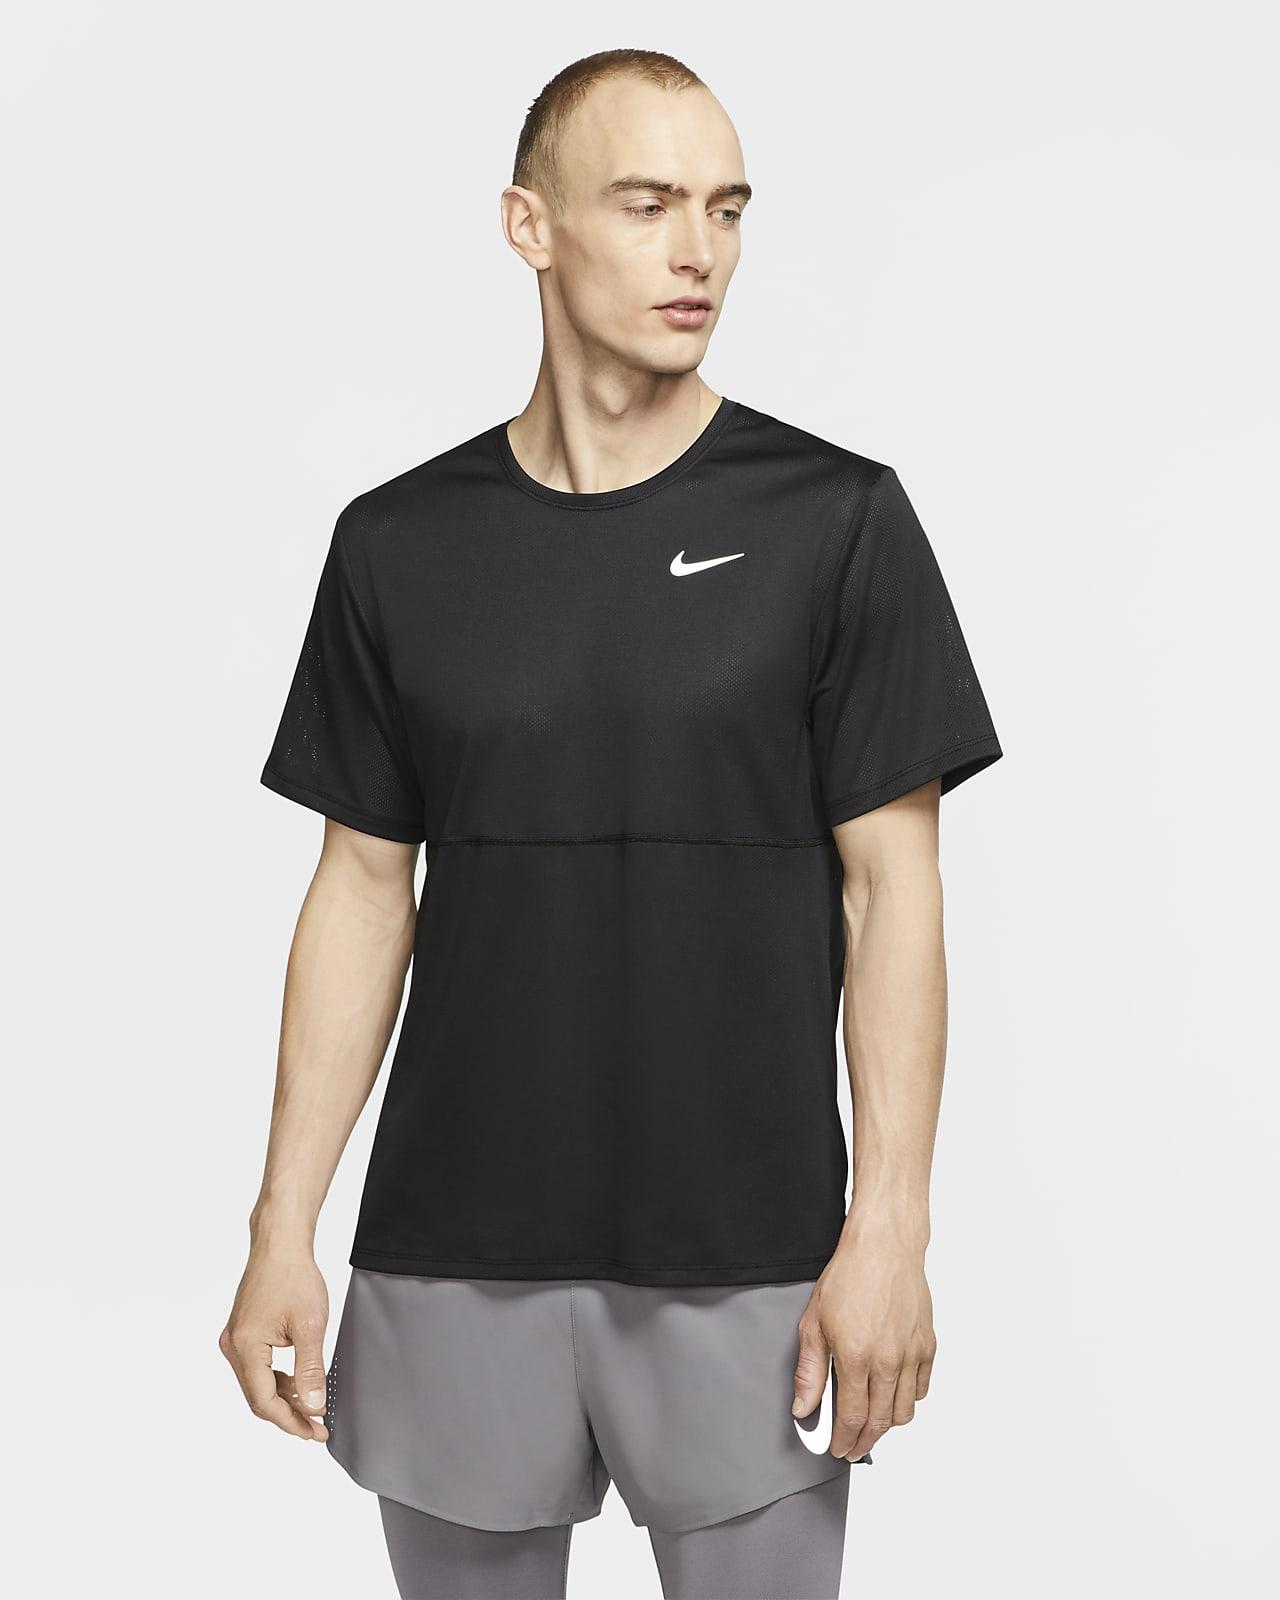 Nike Breathe Herren-Laufoberteil